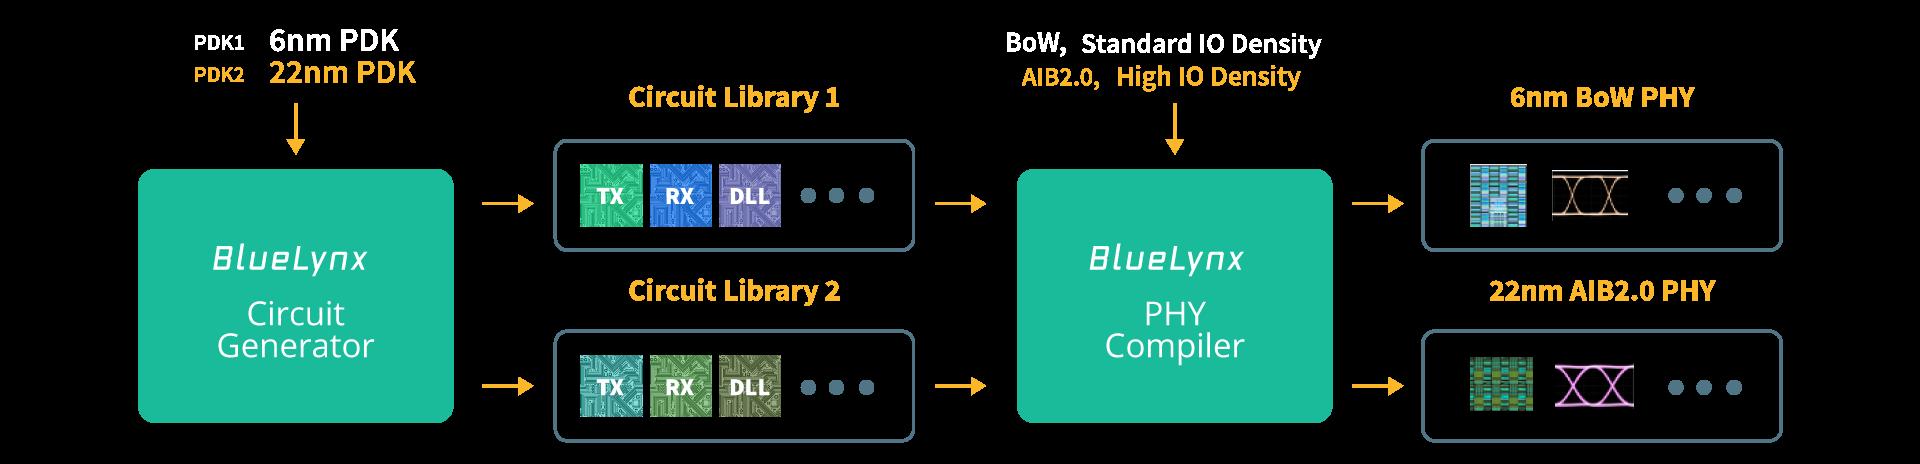 BlueLynx Technology Diagram